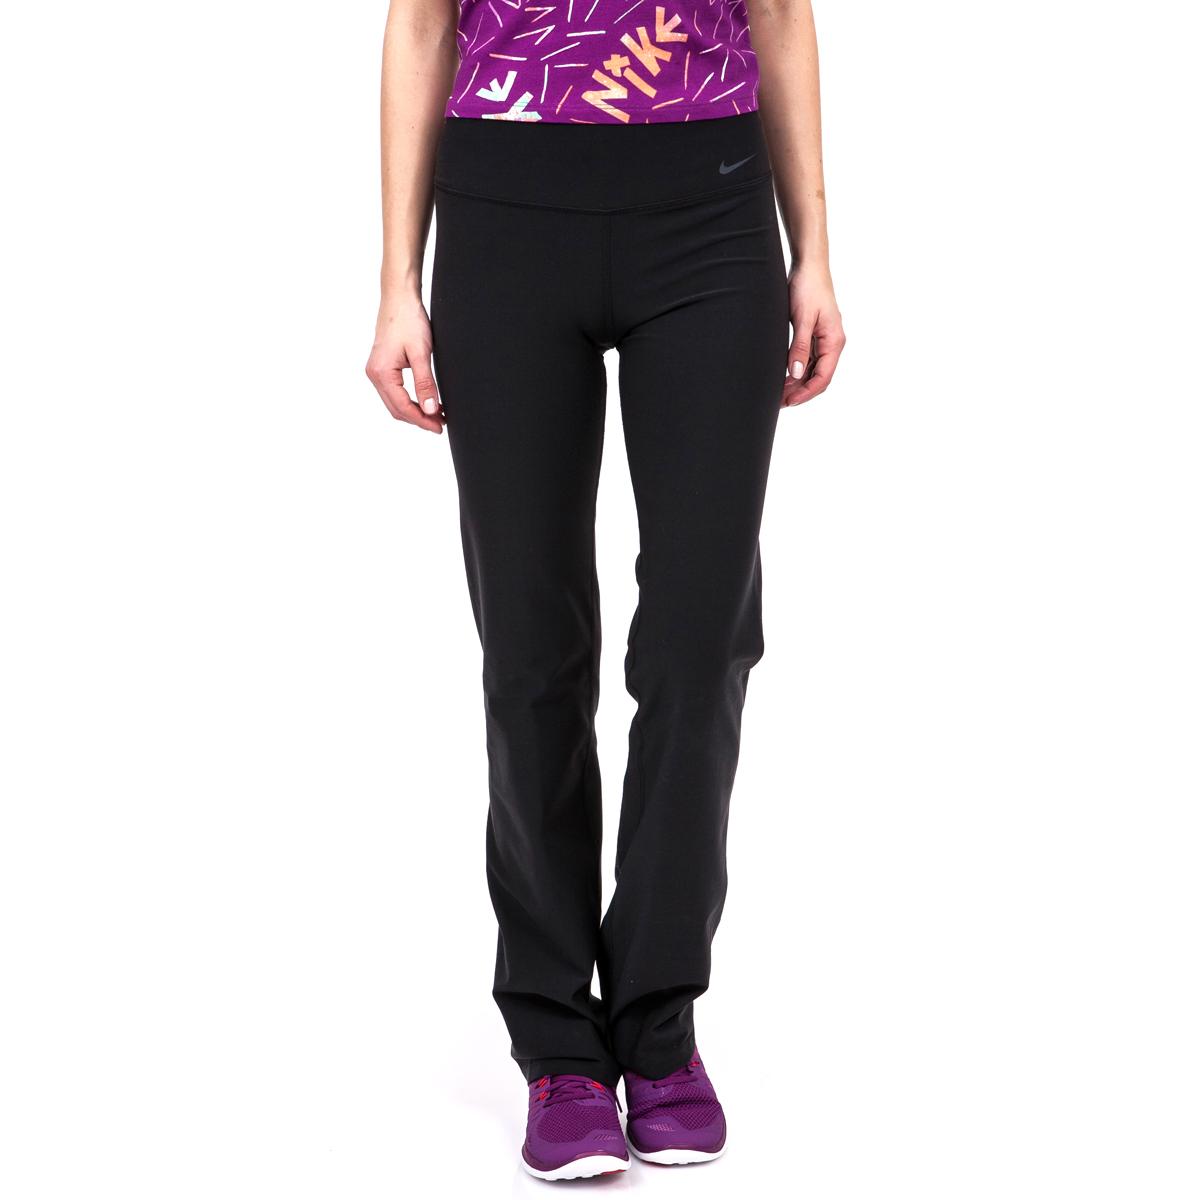 NIKE - Γυναικεία φόρμα Nike μαύρη γυναικεία ρούχα αθλητικά φόρμες